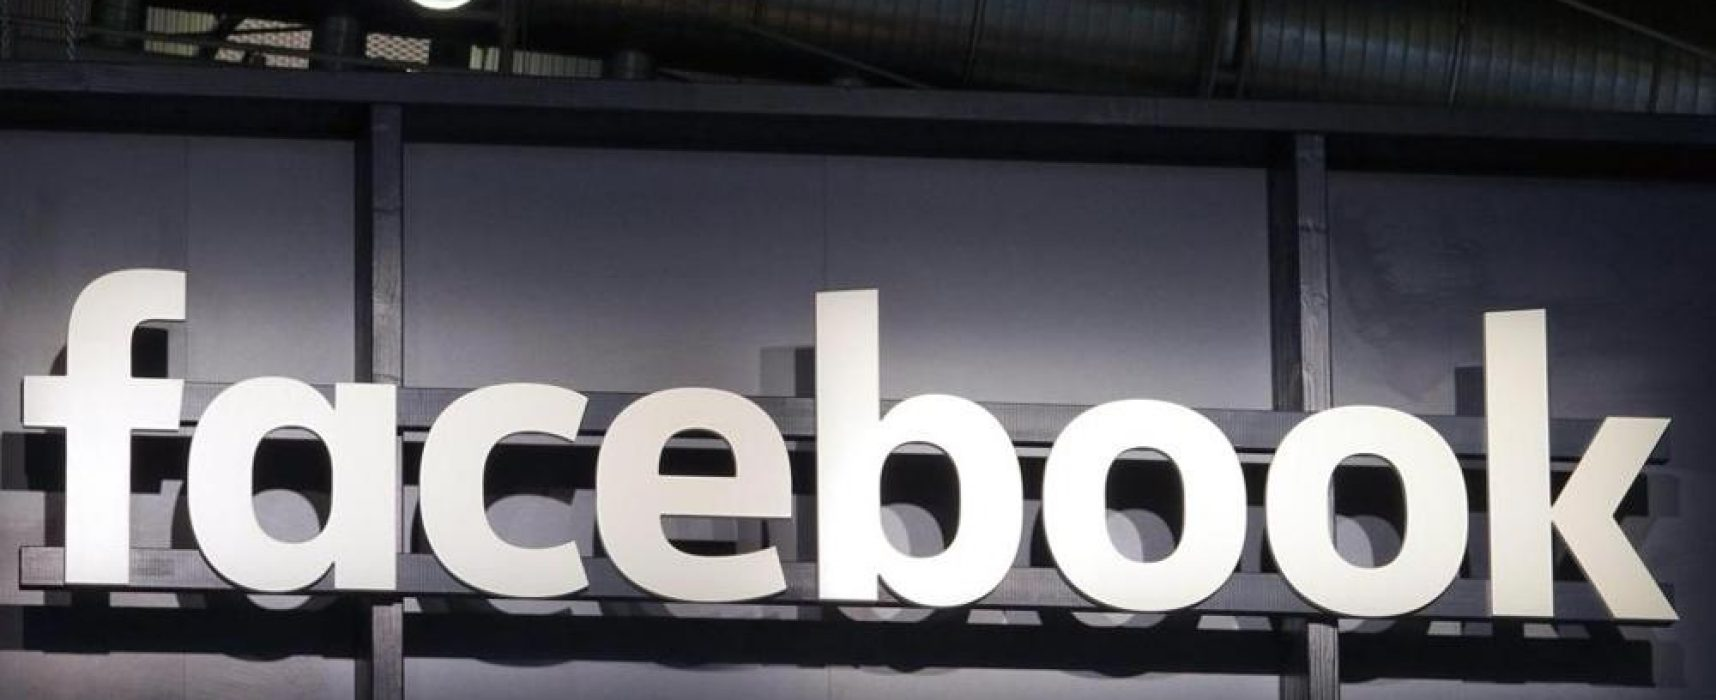 Facebook: заказанную из России во время выборов в США политическую рекламу увидели 126 миллионов